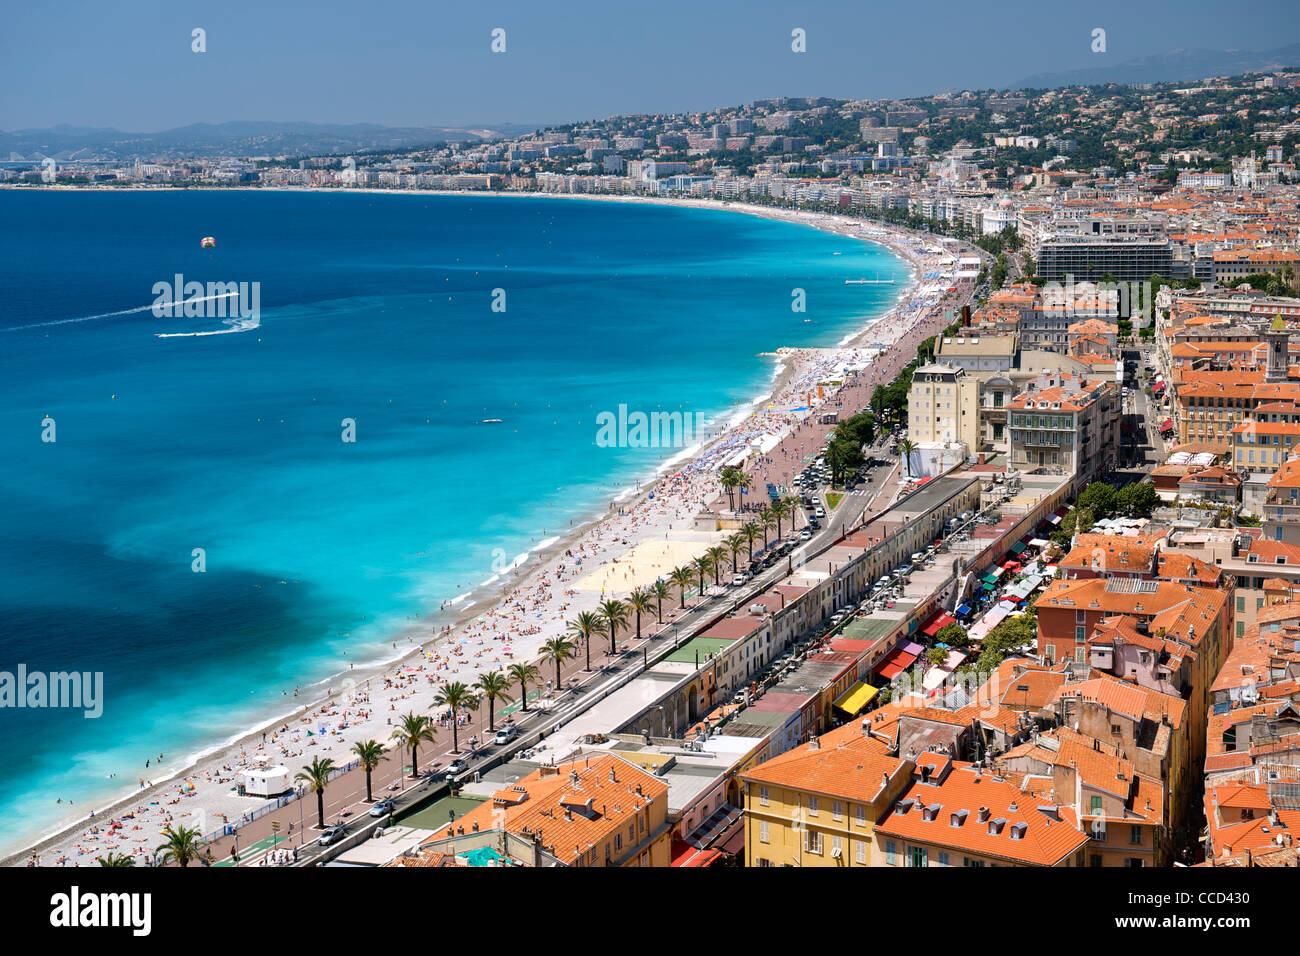 La Baie des Anges et la ville de Nice sur la côte méditerranéenne, dans le sud de la France. Photo Stock